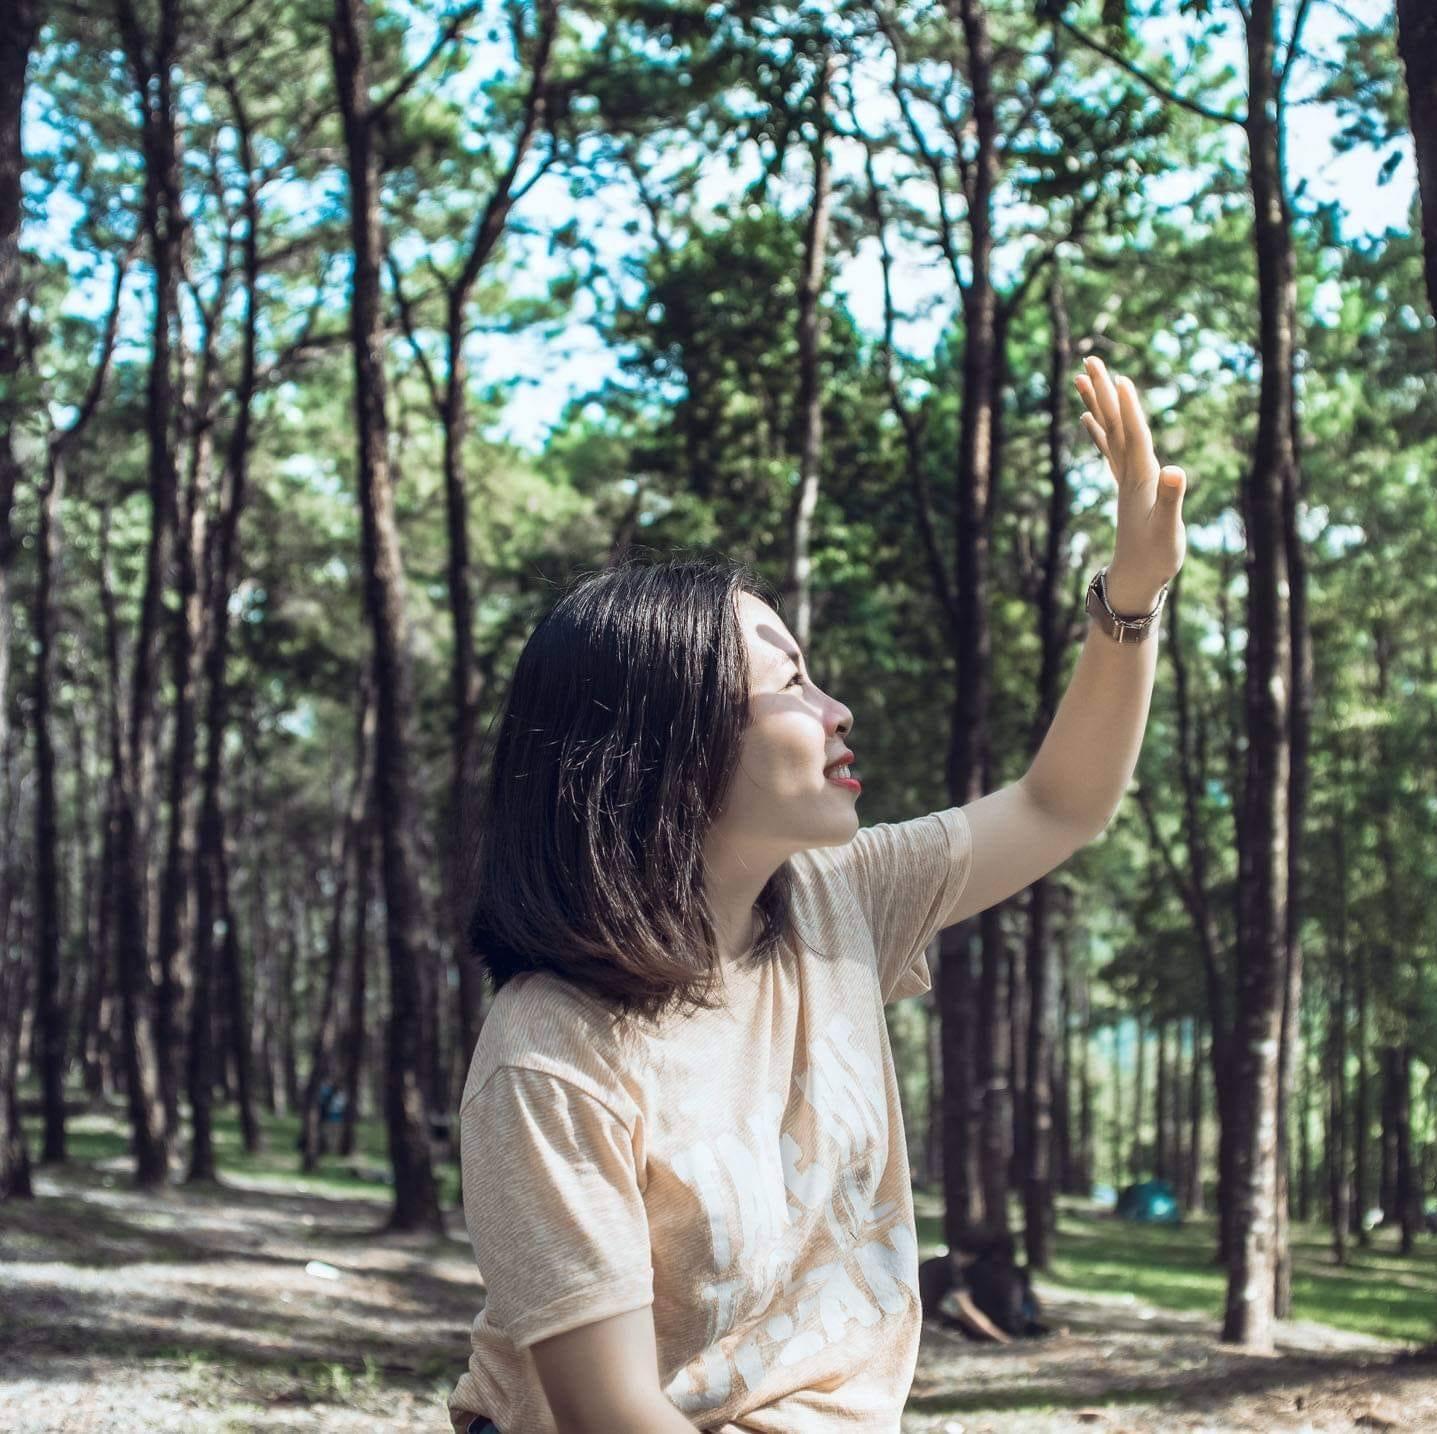 một cô gái đang giơ tay che nắng trong rừng